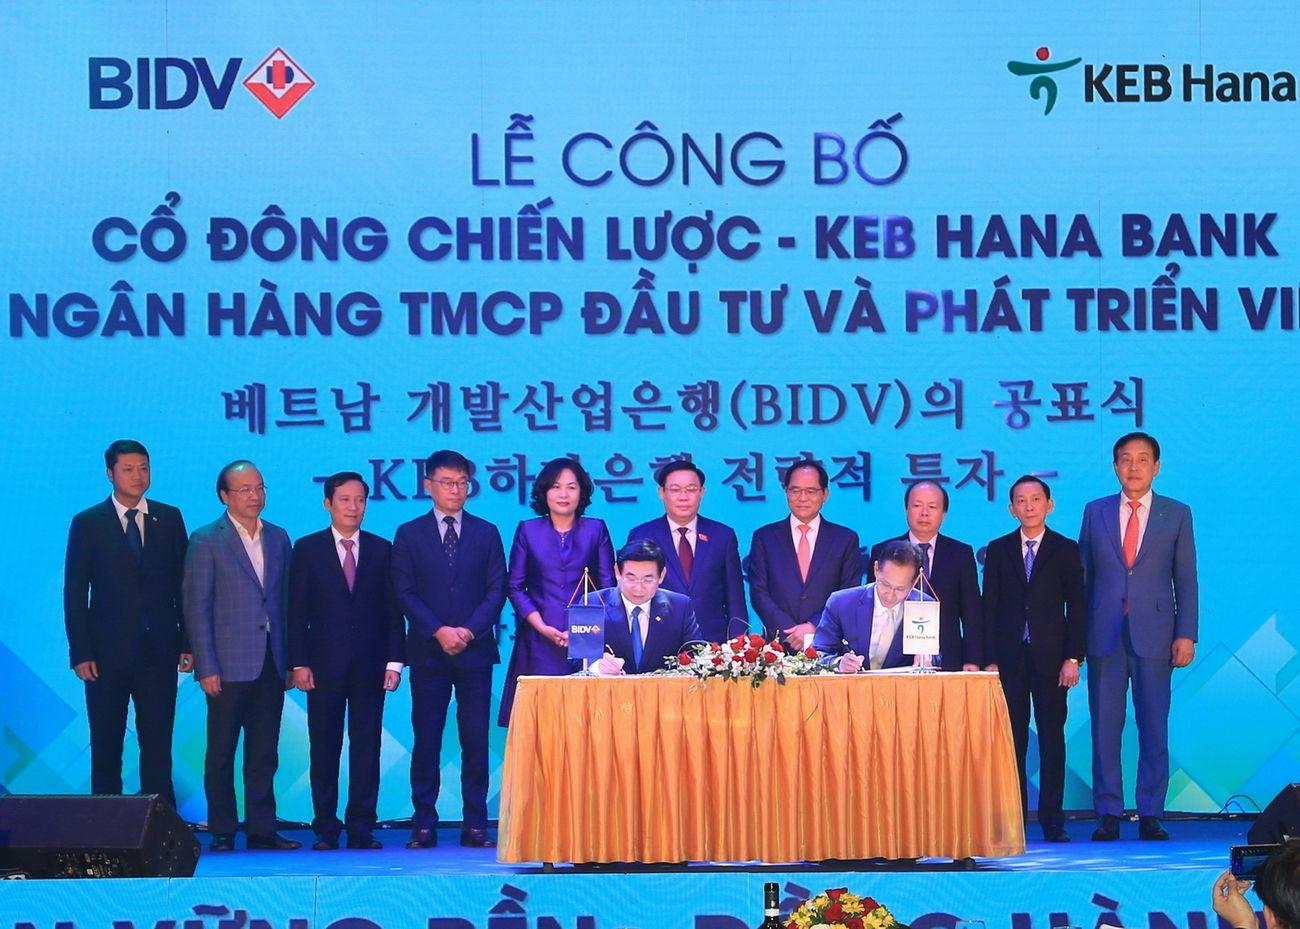 BIDV công bố cổ đông chiến lược, trở thành ngân hàng có vốn điều lệ lớn nhất Việt Nam